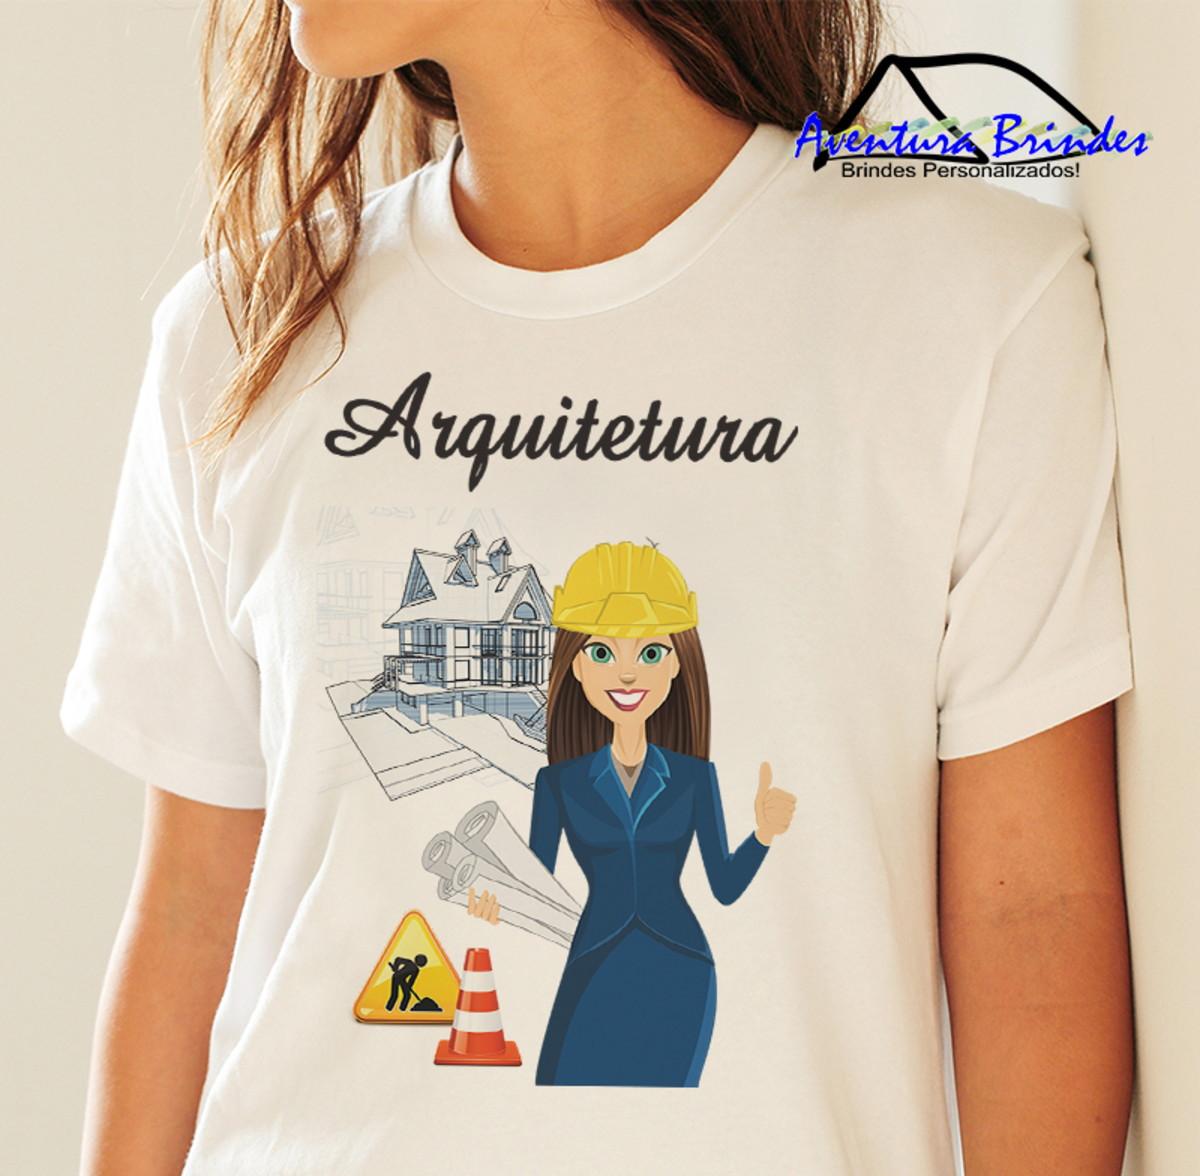 Camiseta Feminina Arquitetura no Elo7  7f085cdd7c0